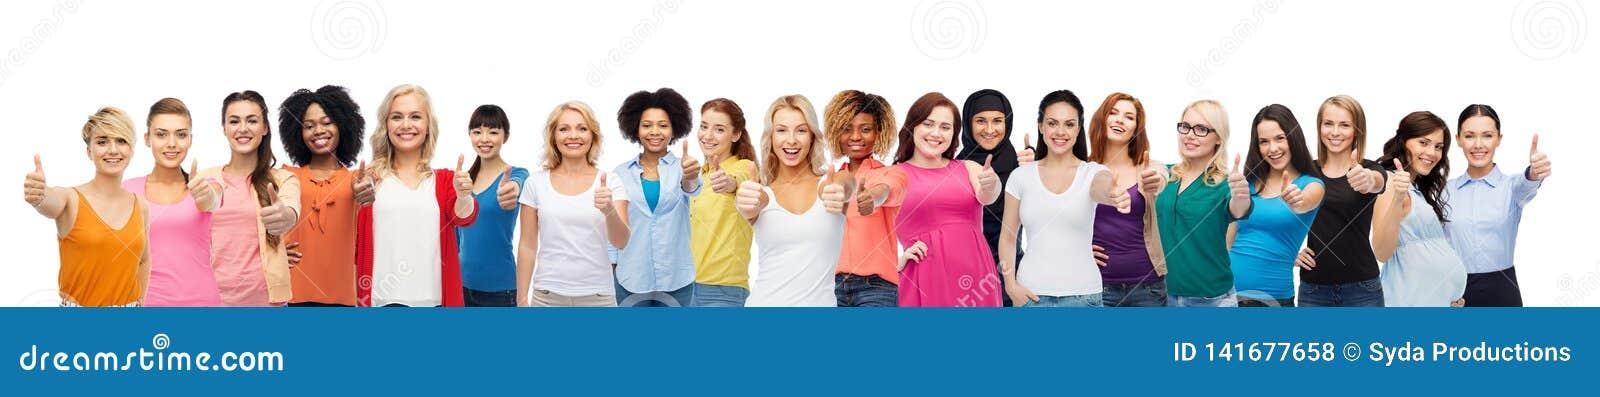 Gruppo internazionale di donne che mostrano i pollici su